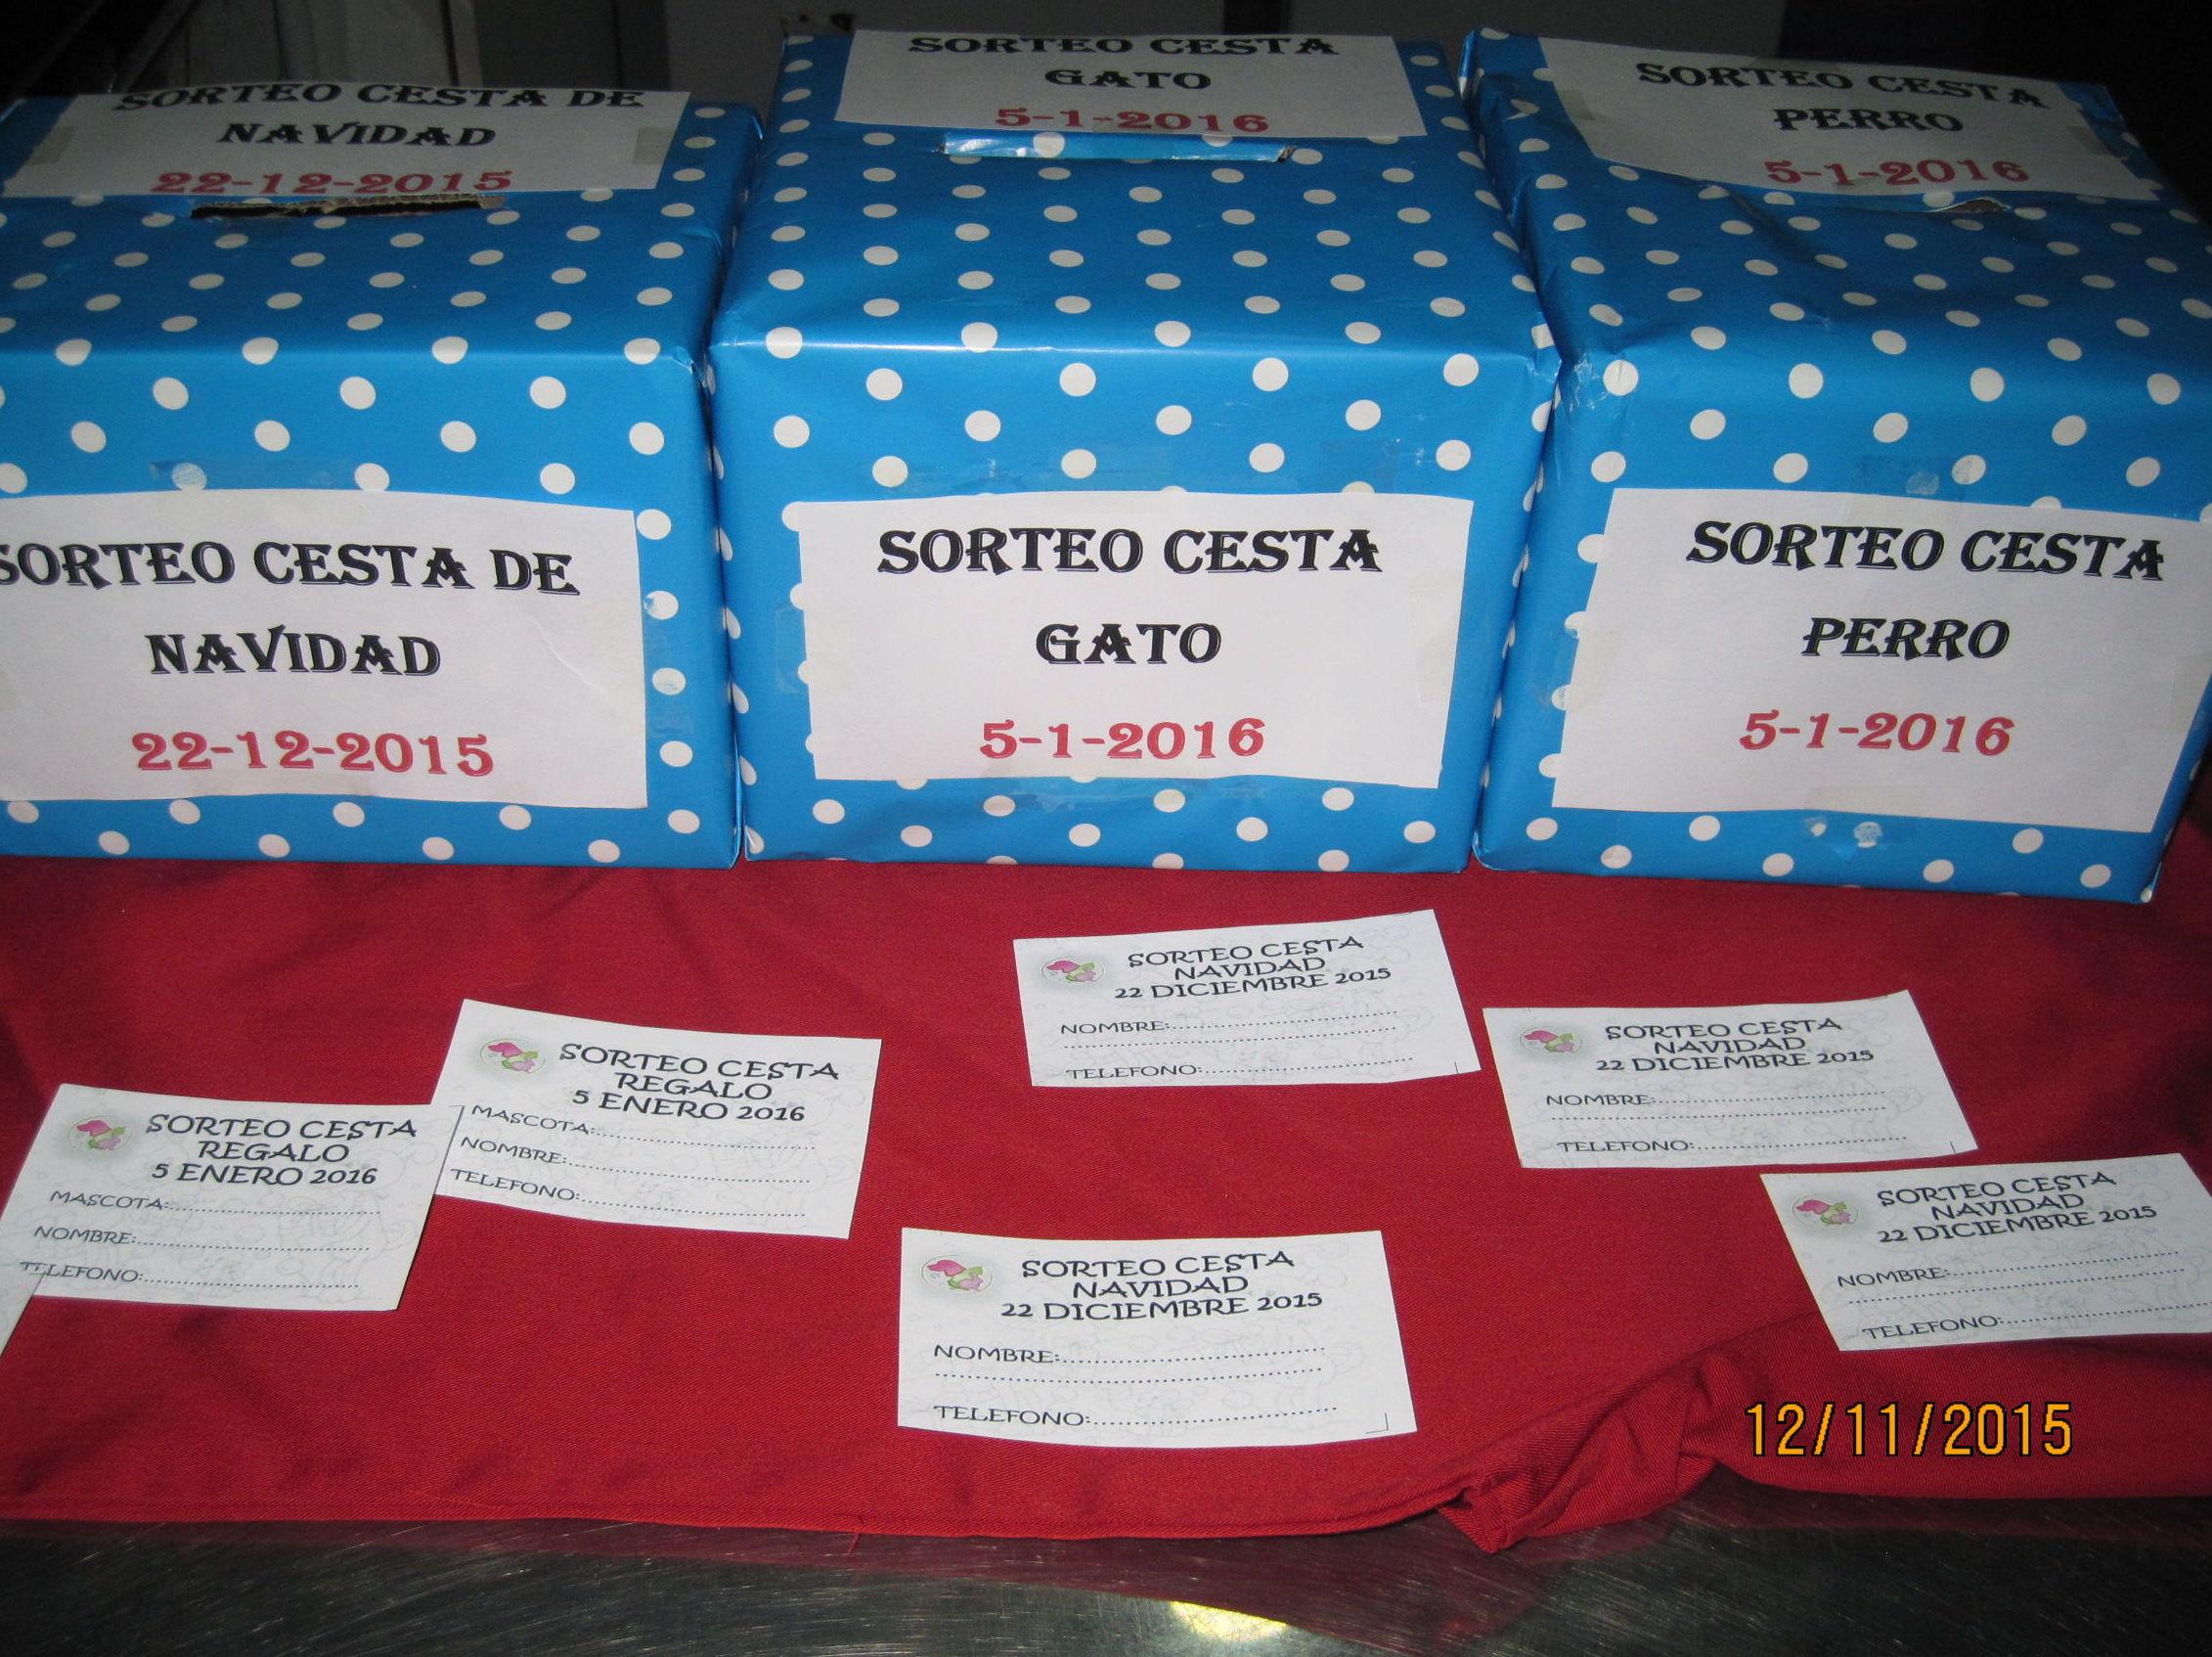 Sorteamos cestas de Navidad entre nuestros clientes